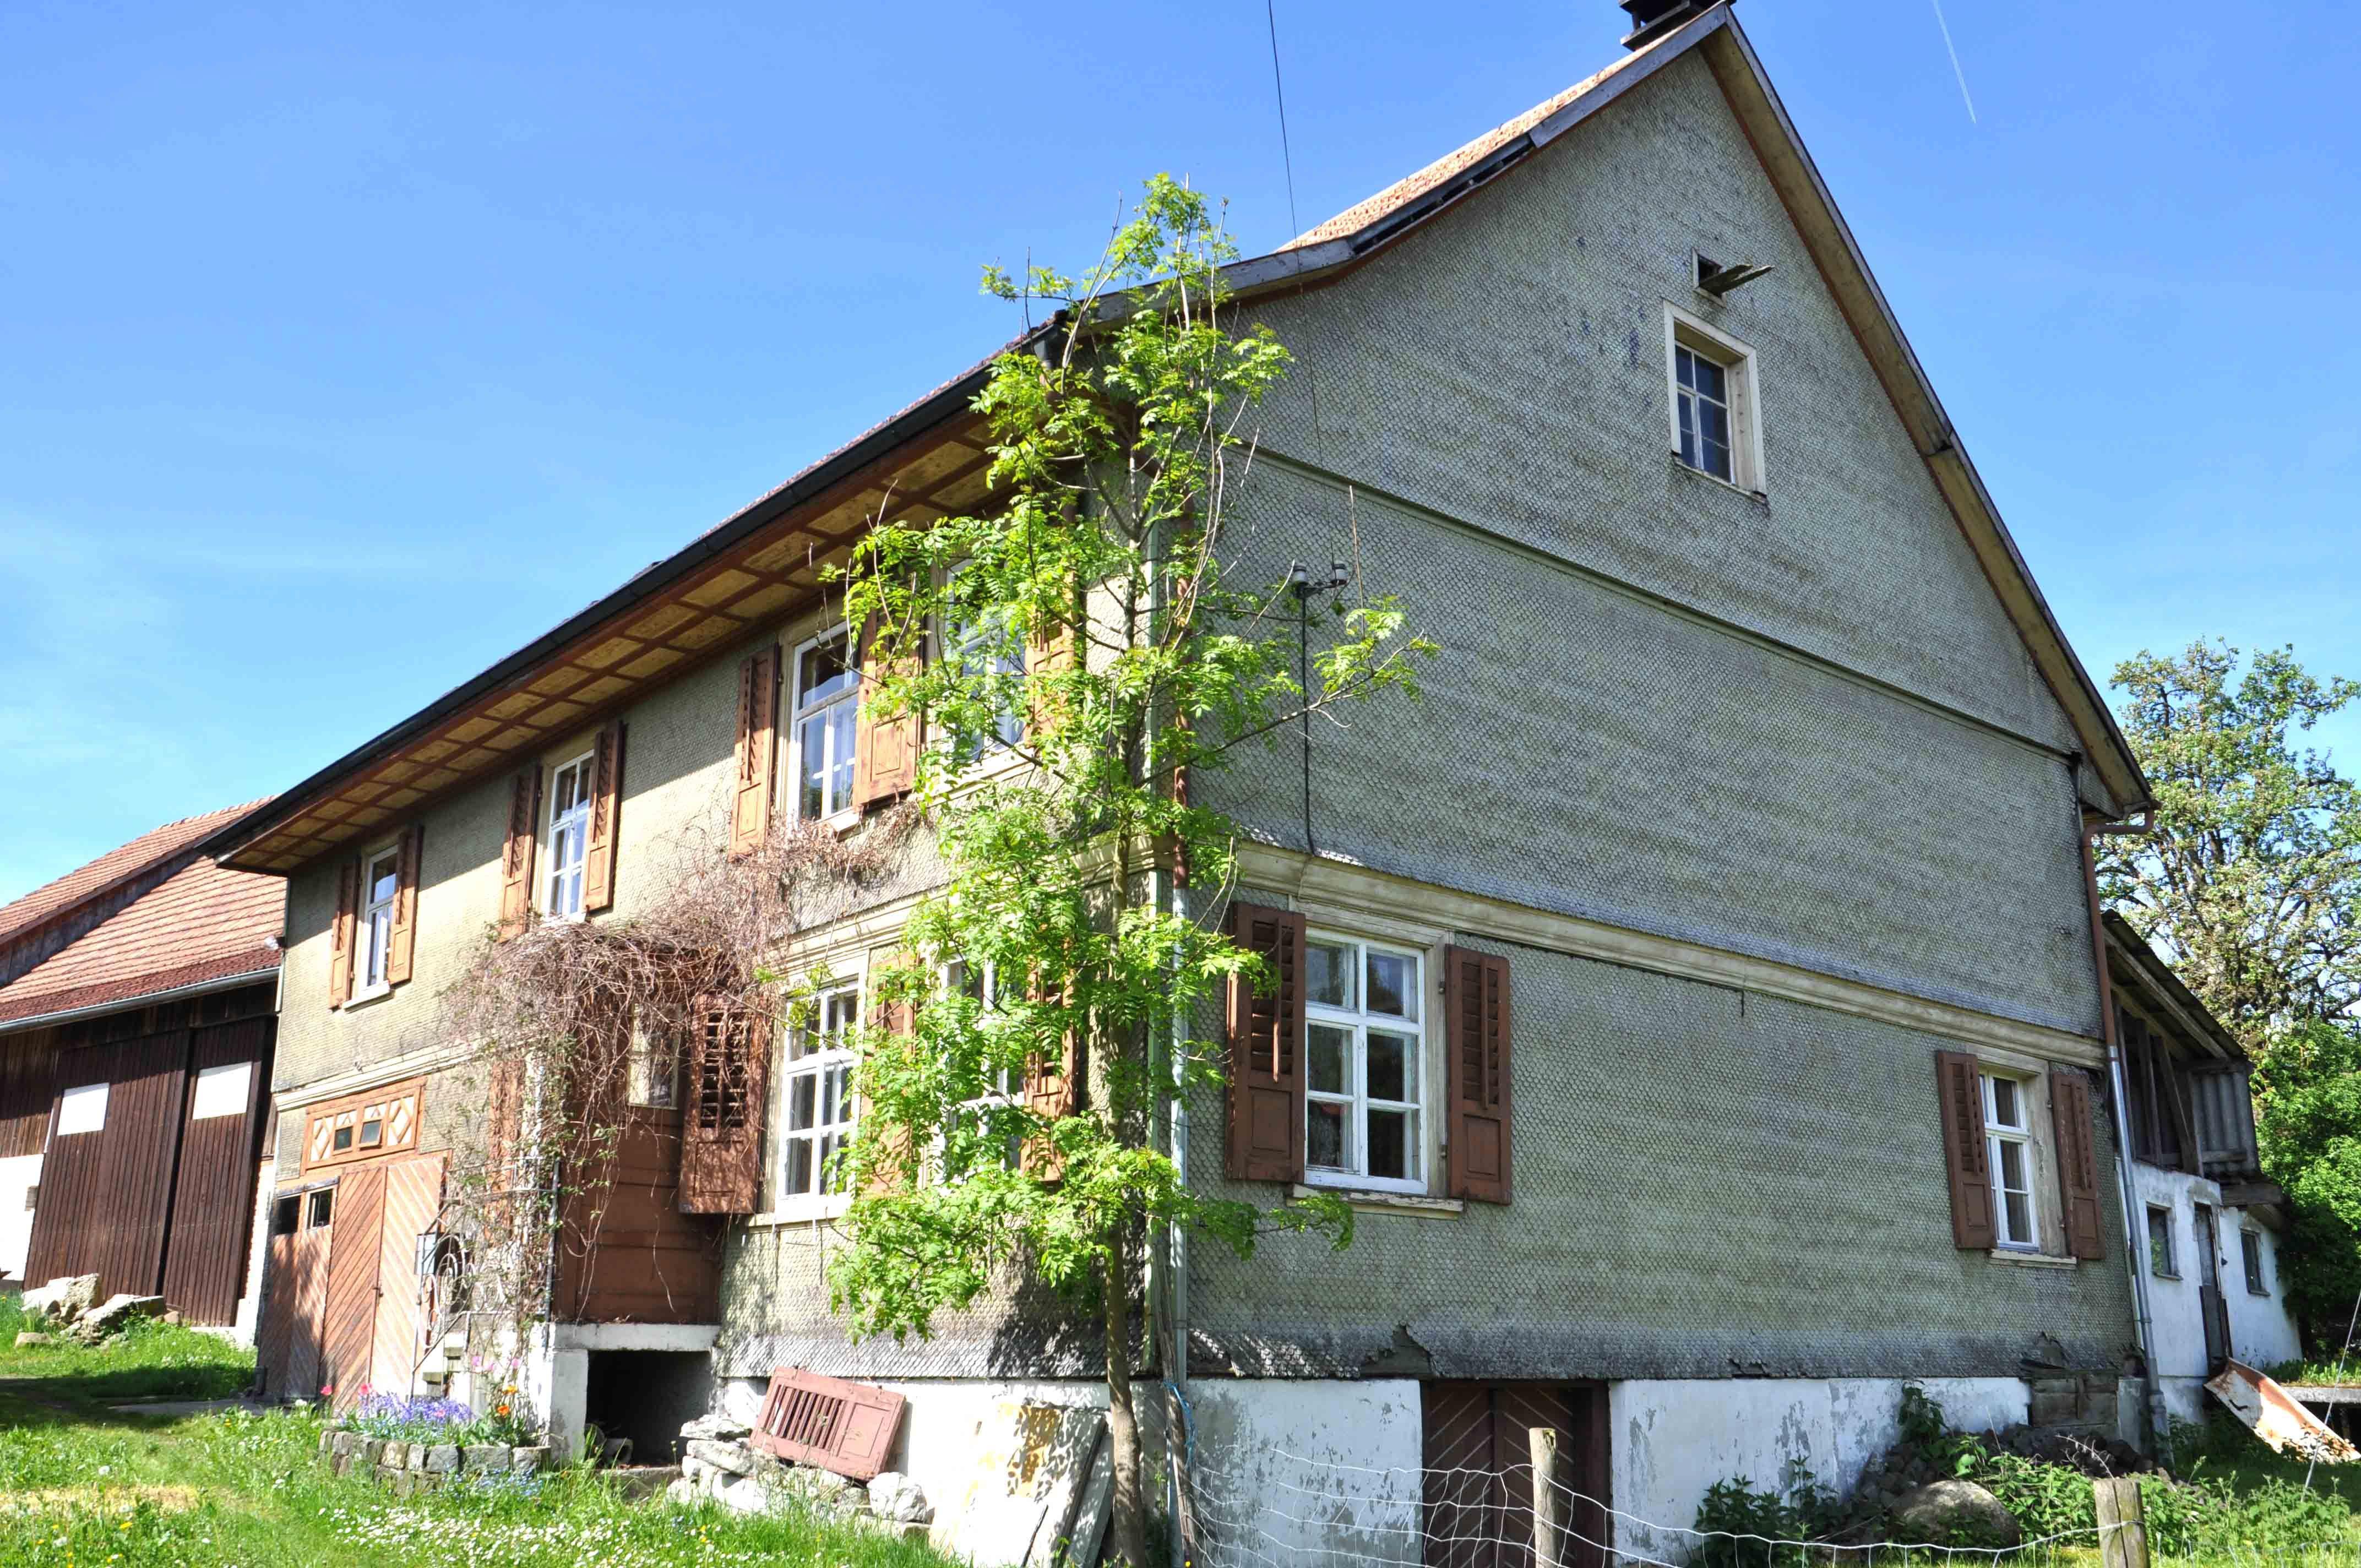 zimba ag vermietung wohnungen mieten in amriswil thurgau st gallen. Black Bedroom Furniture Sets. Home Design Ideas